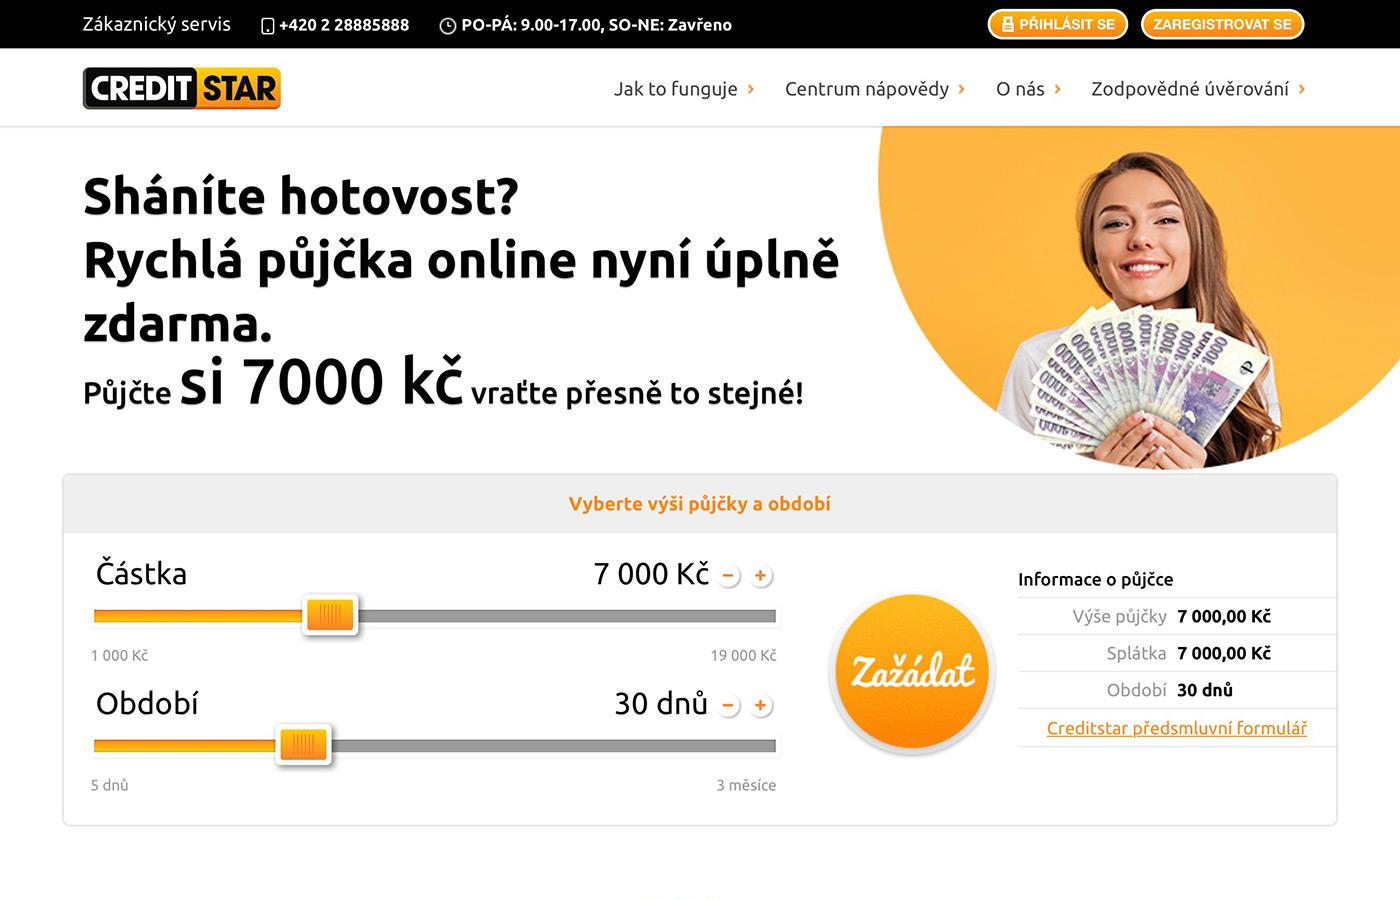 Webové stránky https://www.creditstar.cz